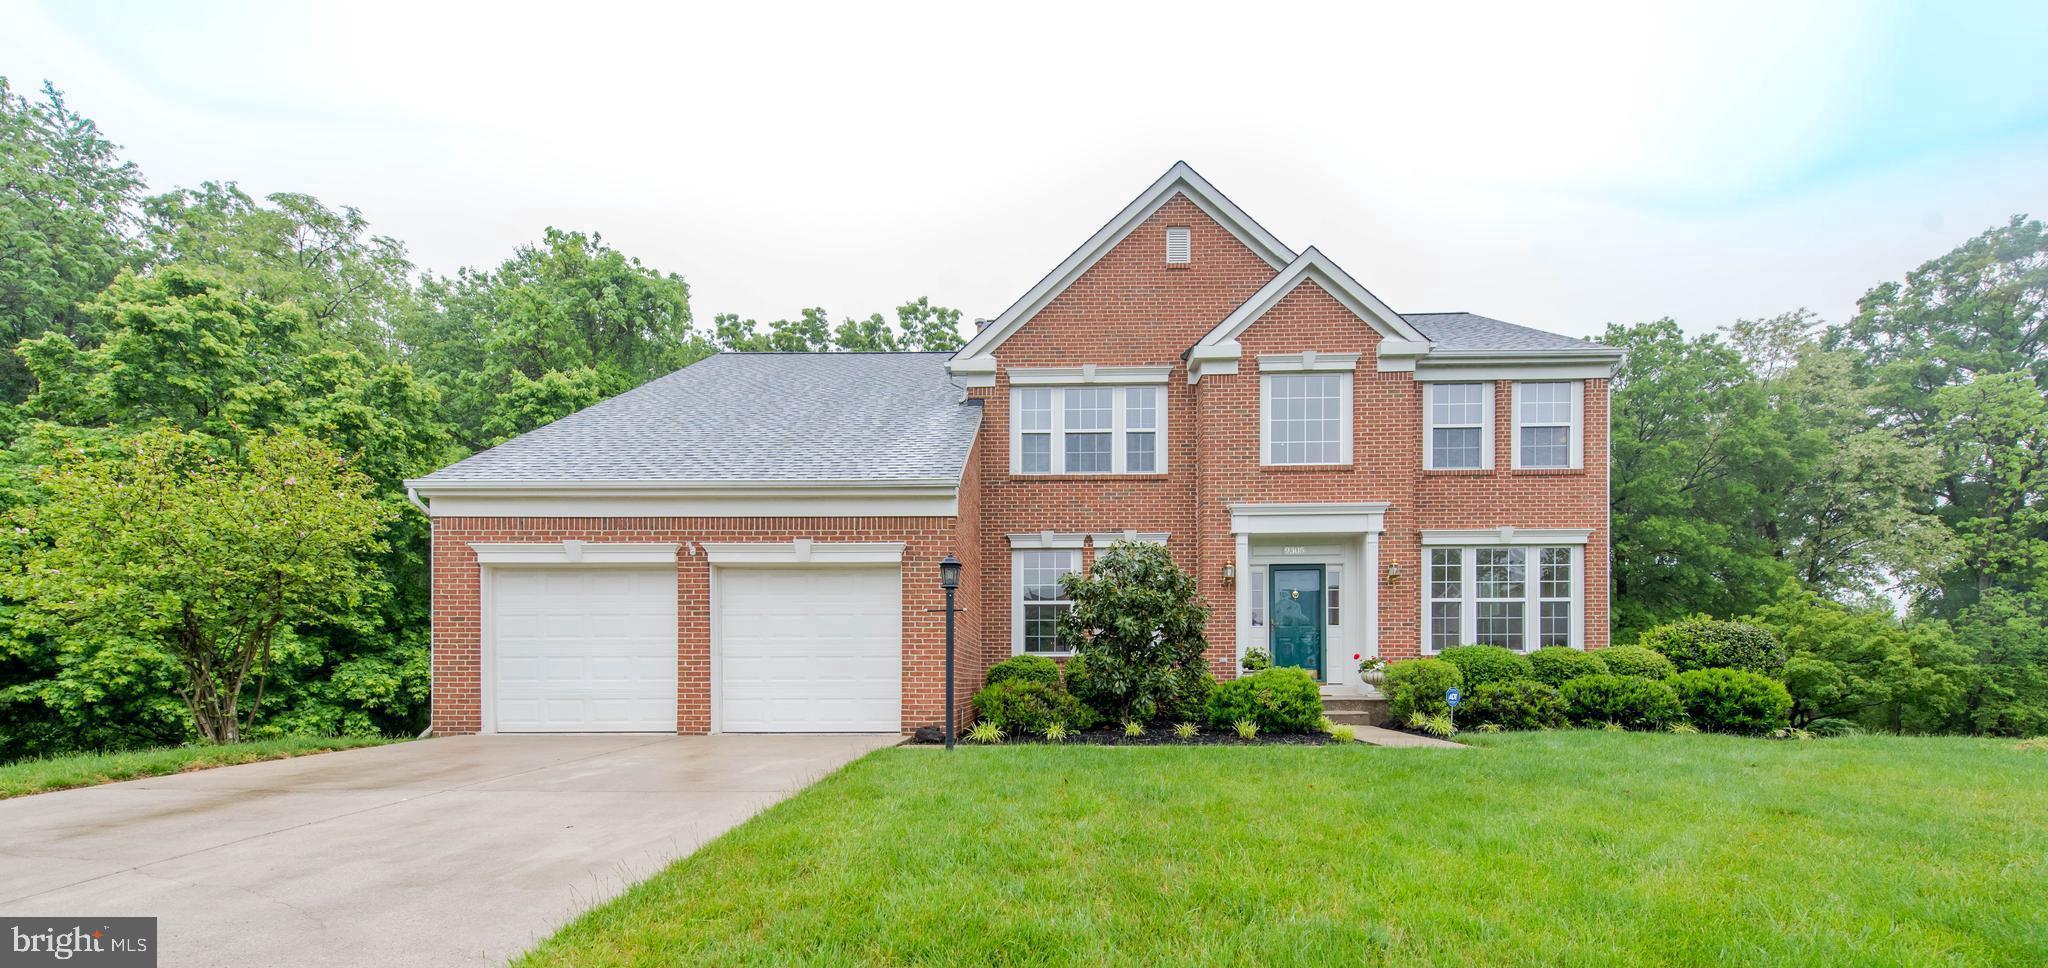 9305 Snowhill Estates Lane, Laurel, MD 20708